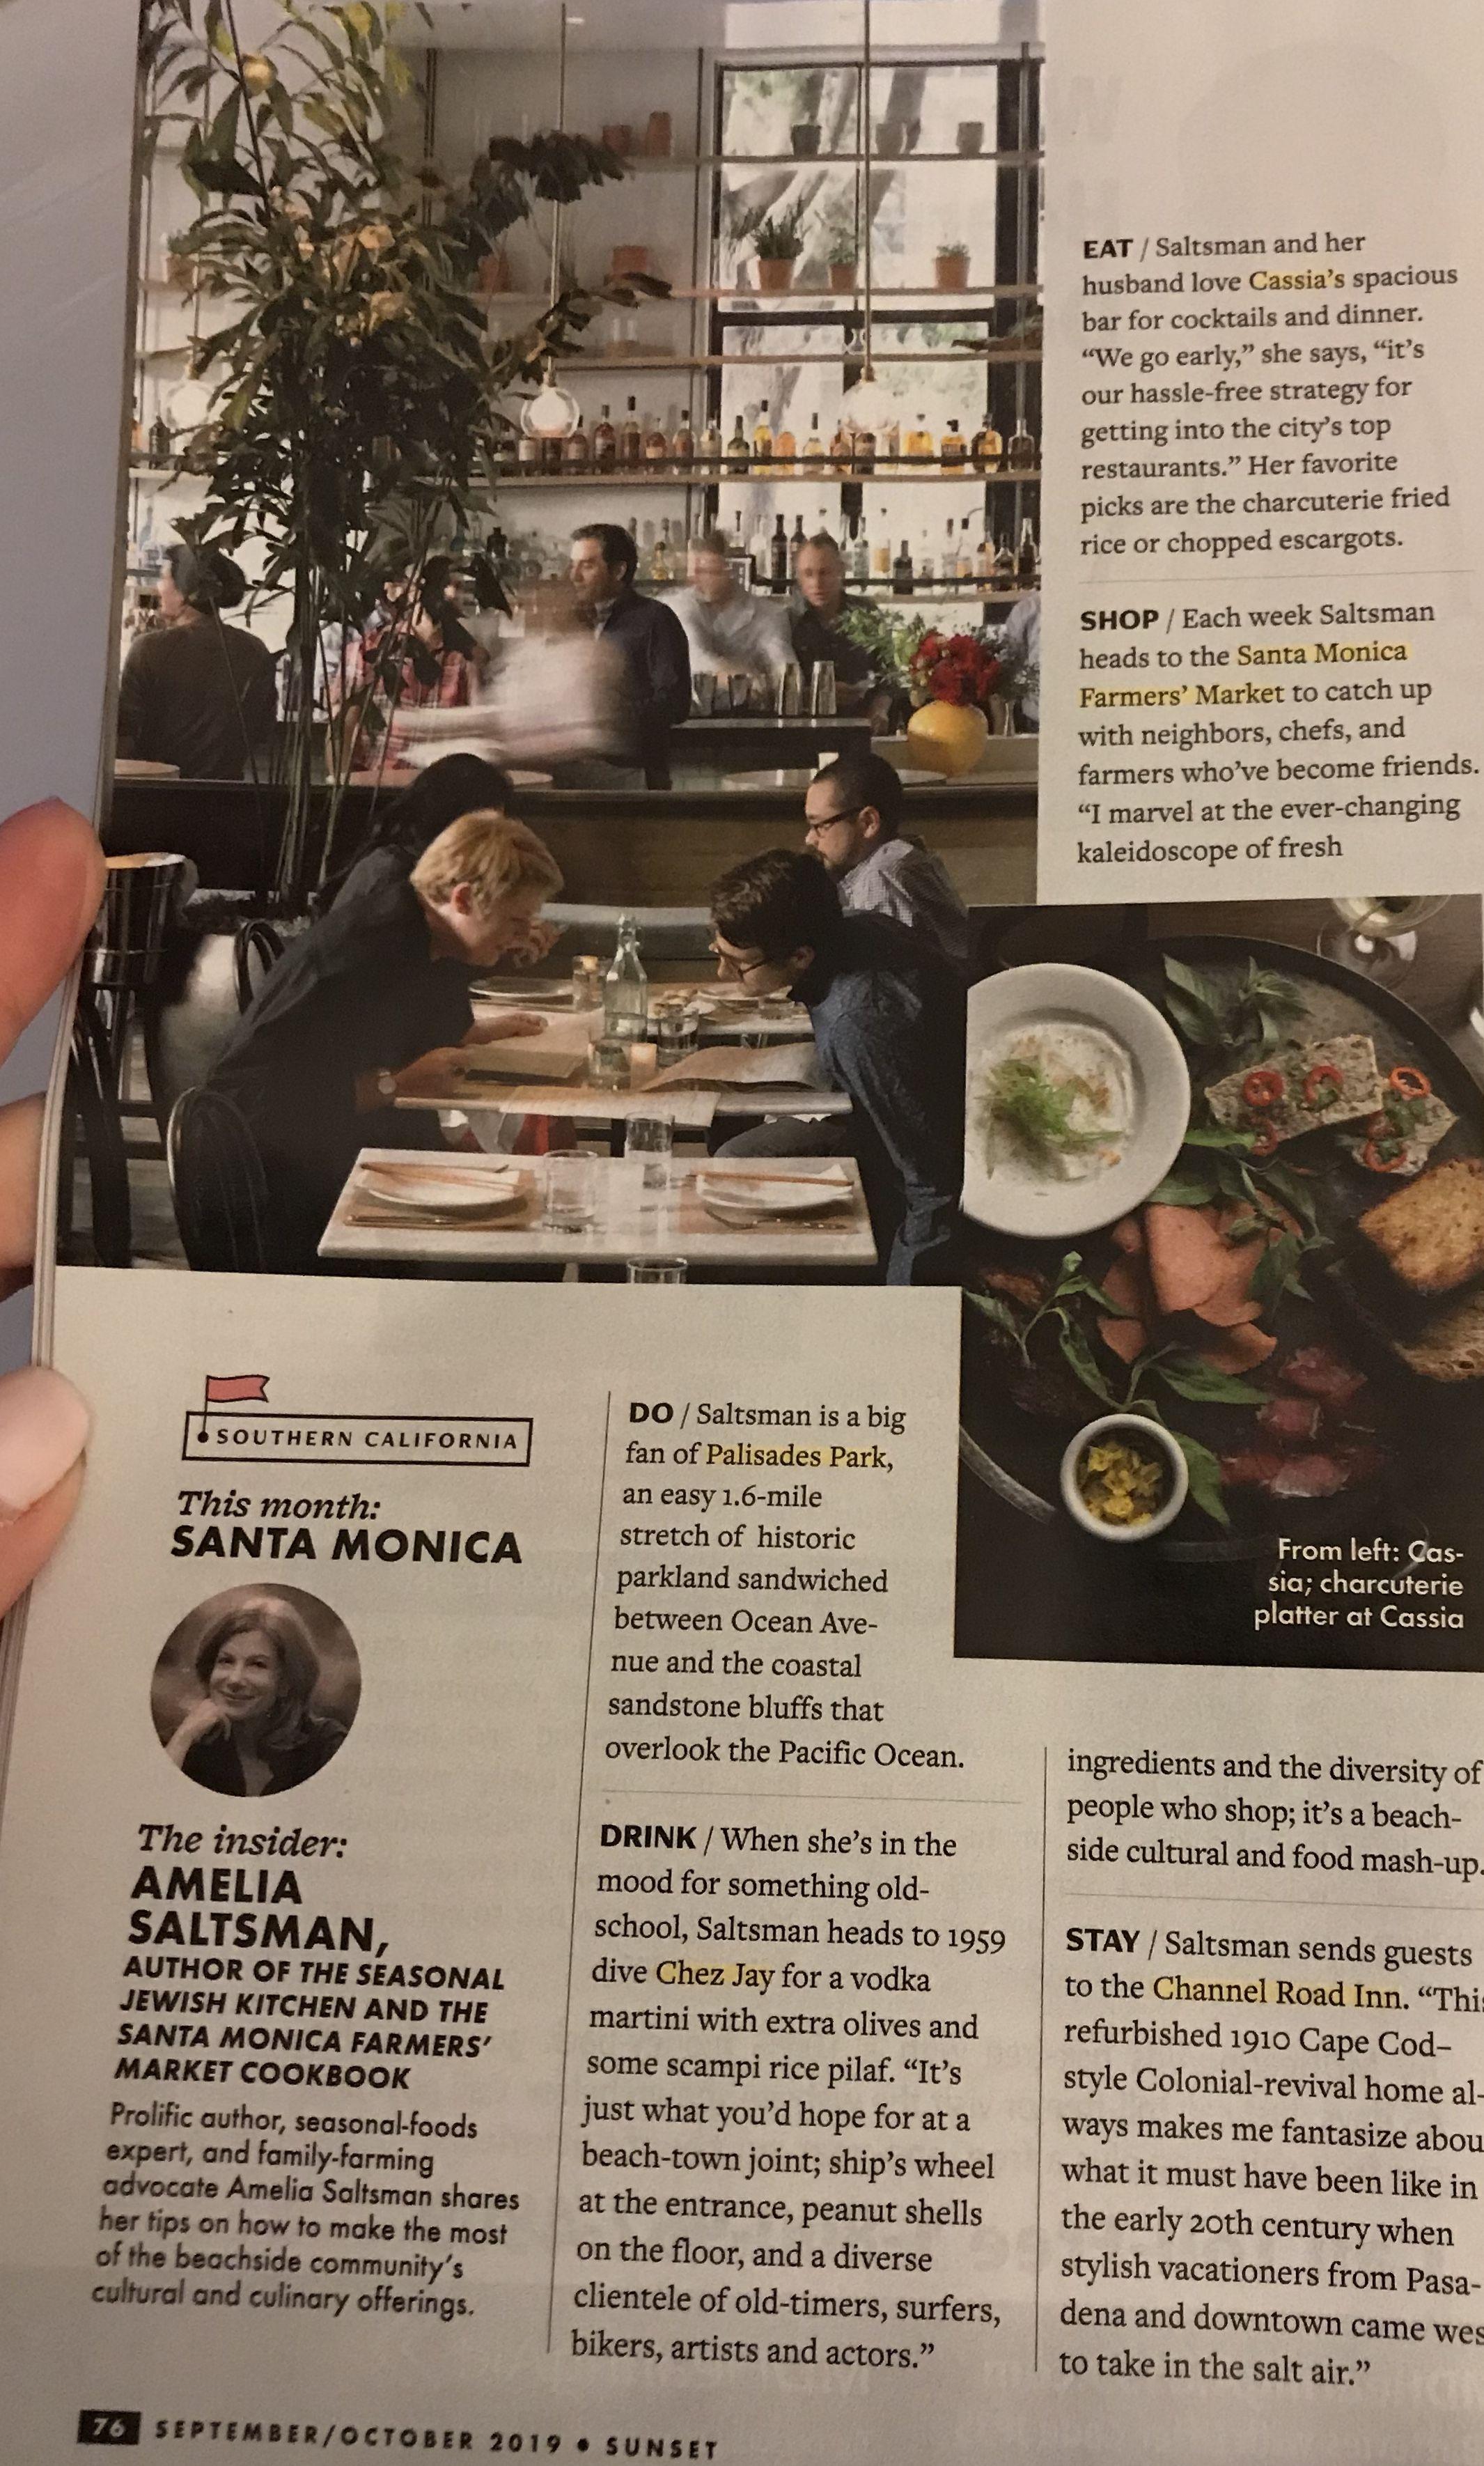 Pin By Jennifer Murphy On Los Angeles Santa Monica Farmers Market Top Restaurants Husband Love